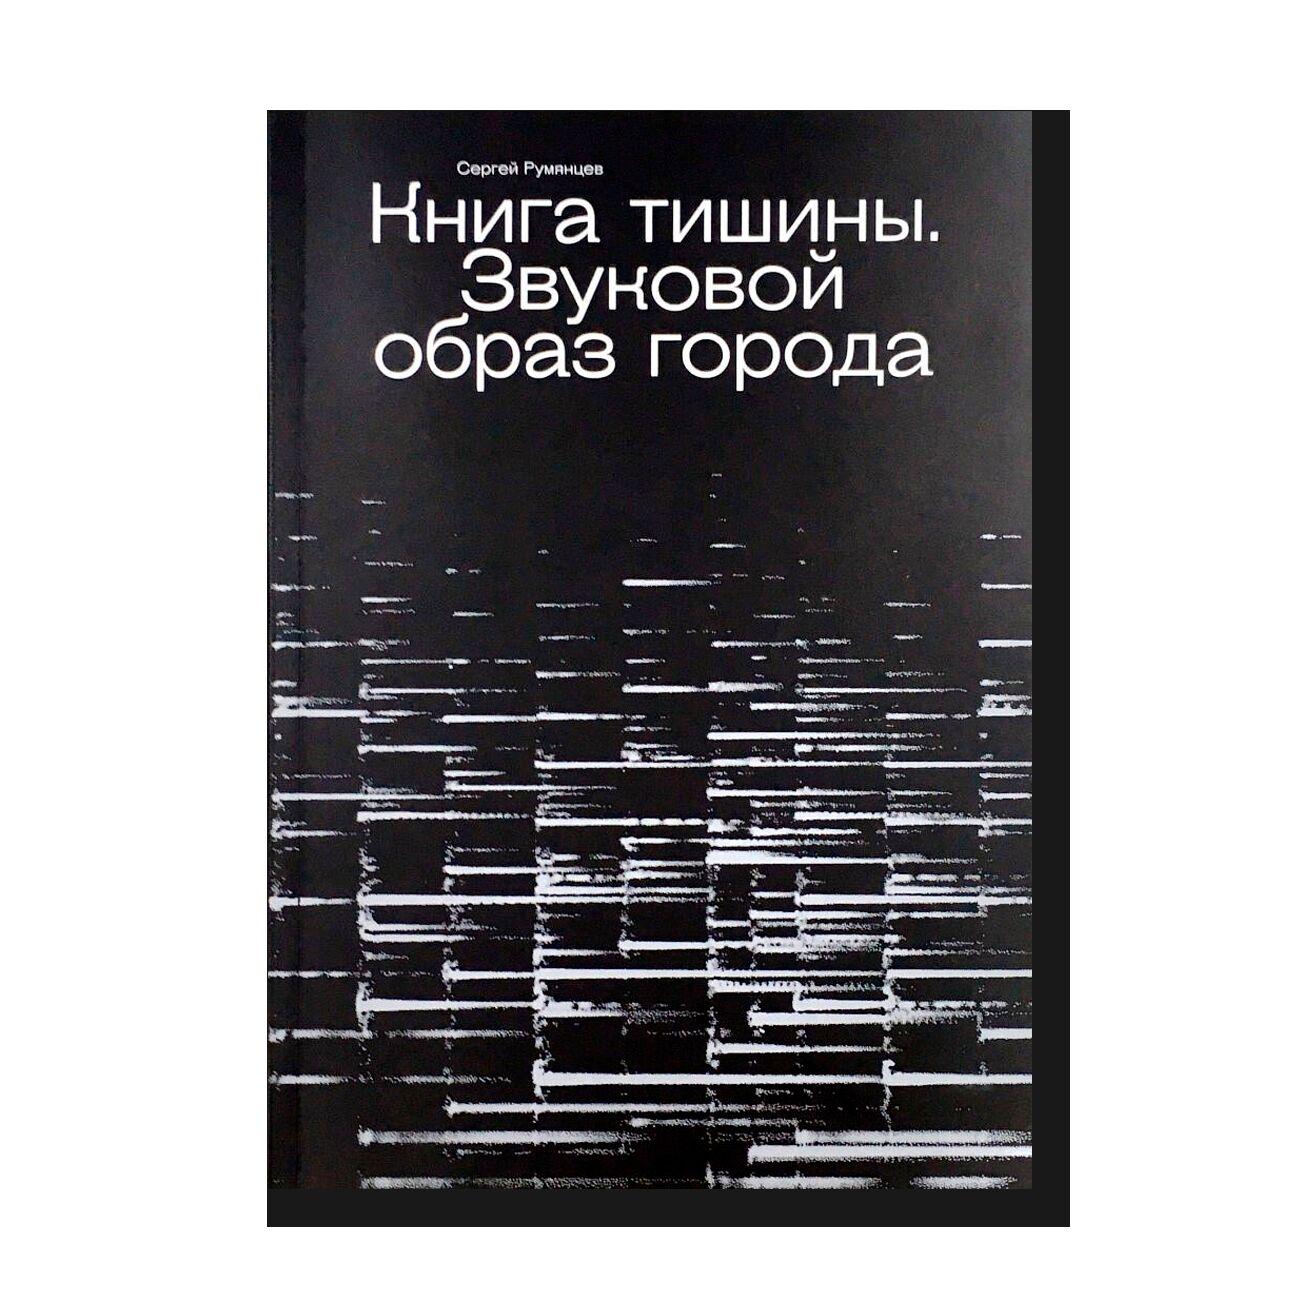 Книга тишины. Звуковой образ города